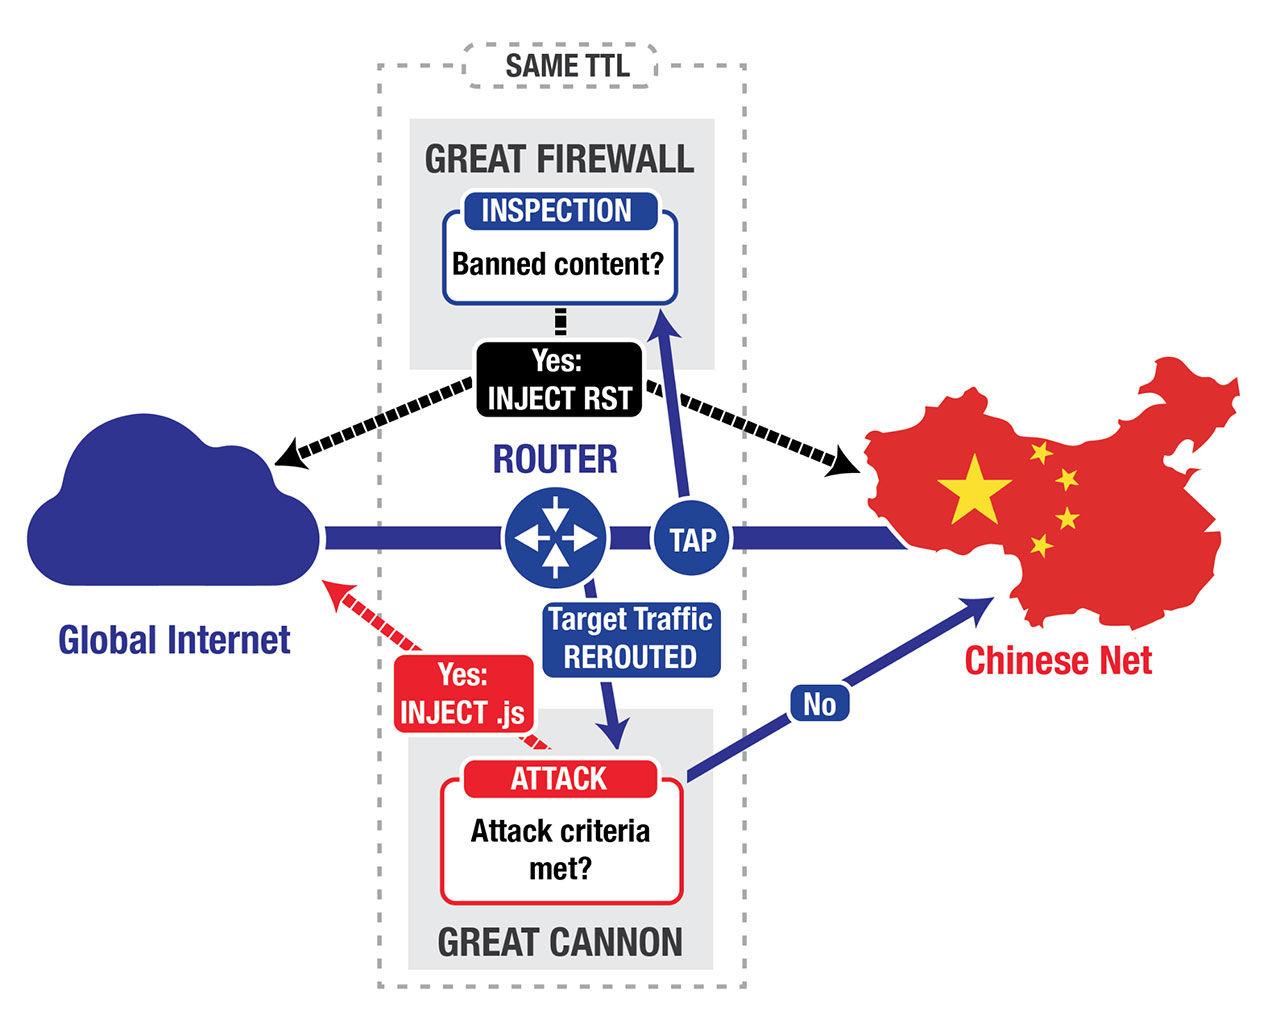 Kina har en internetkanon